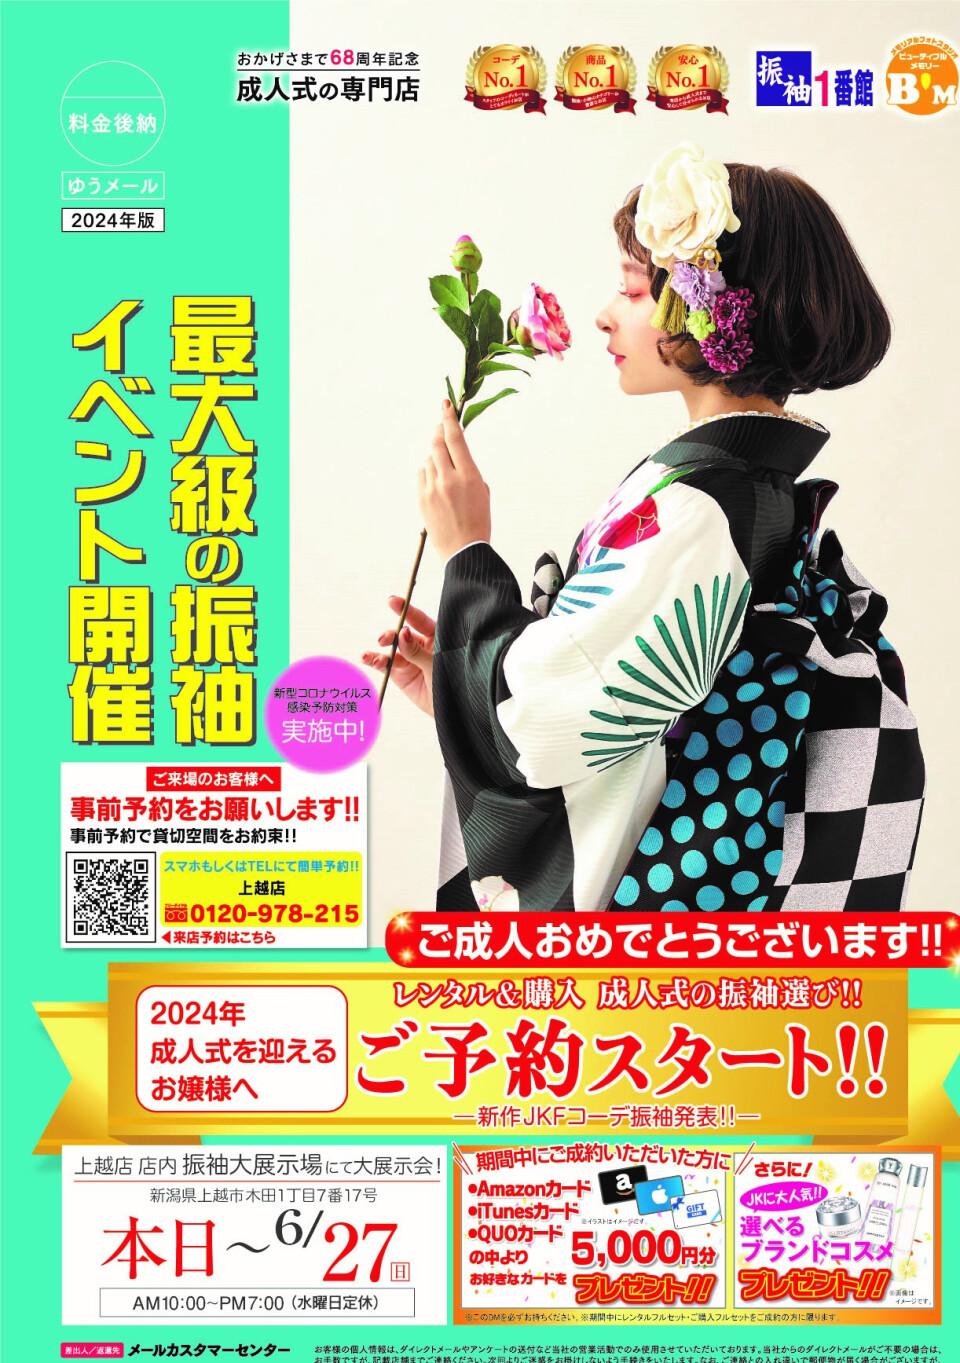 F6_jyoetsu6_1